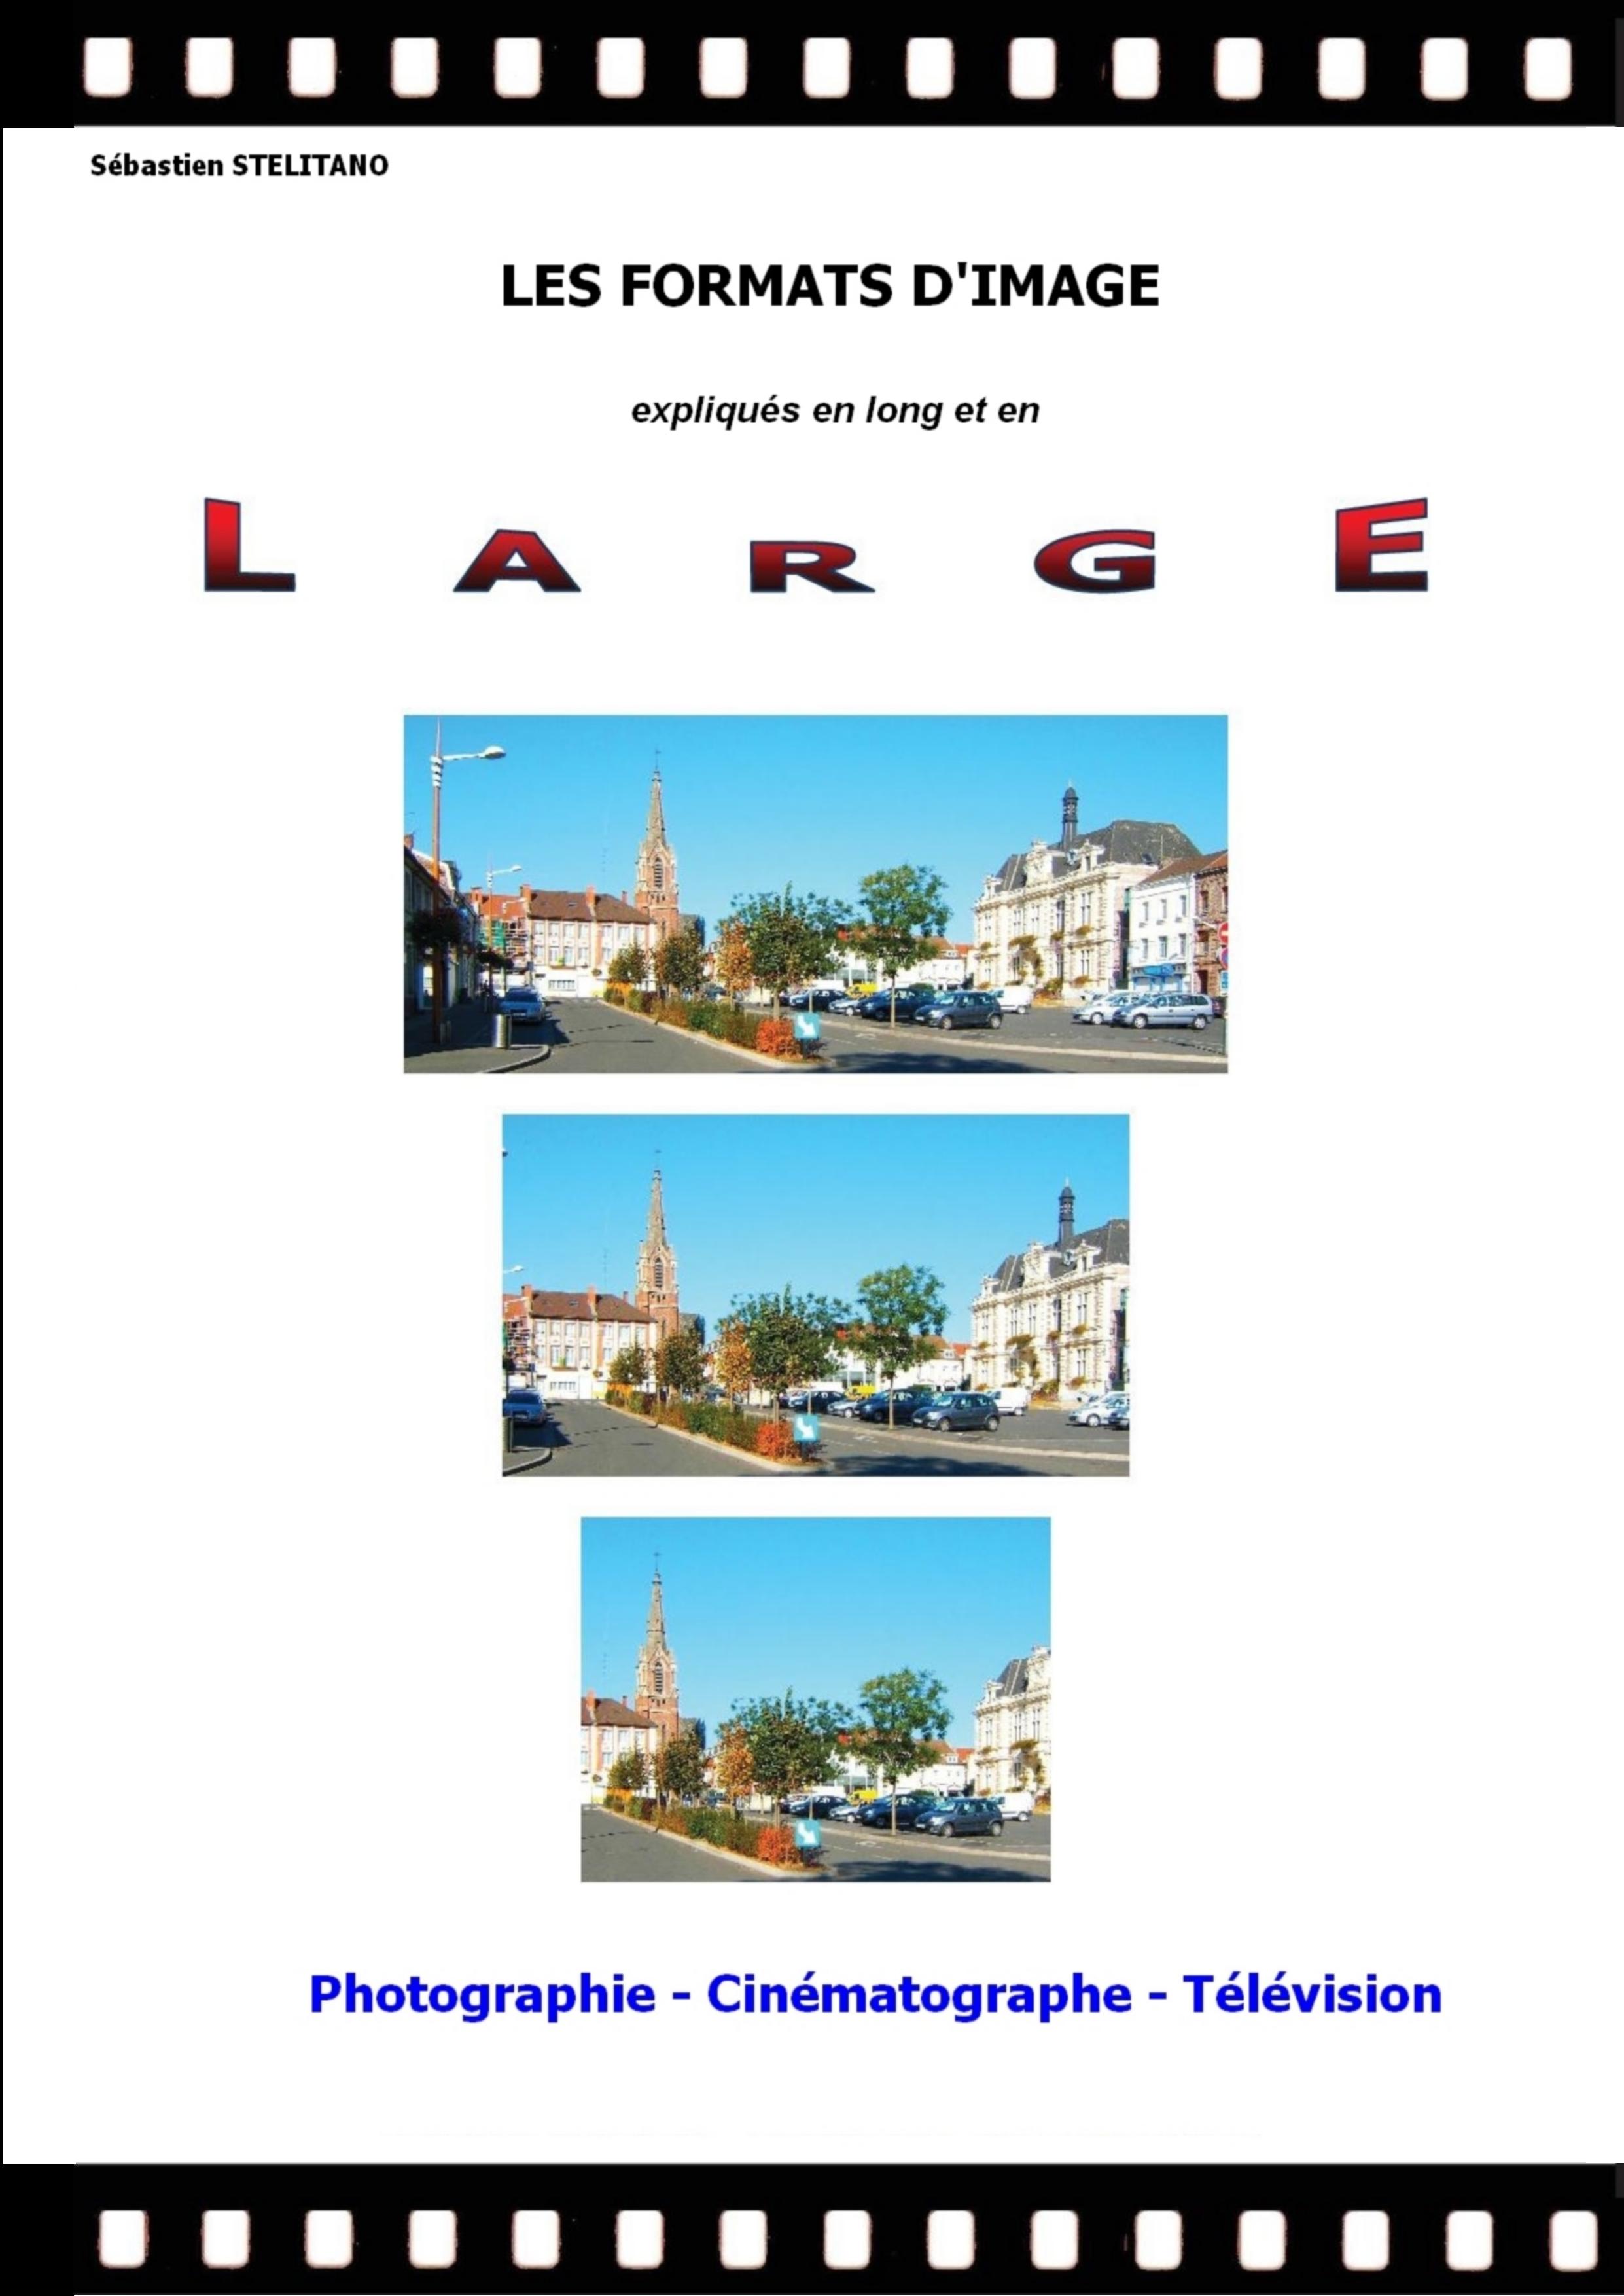 Les formats d'image